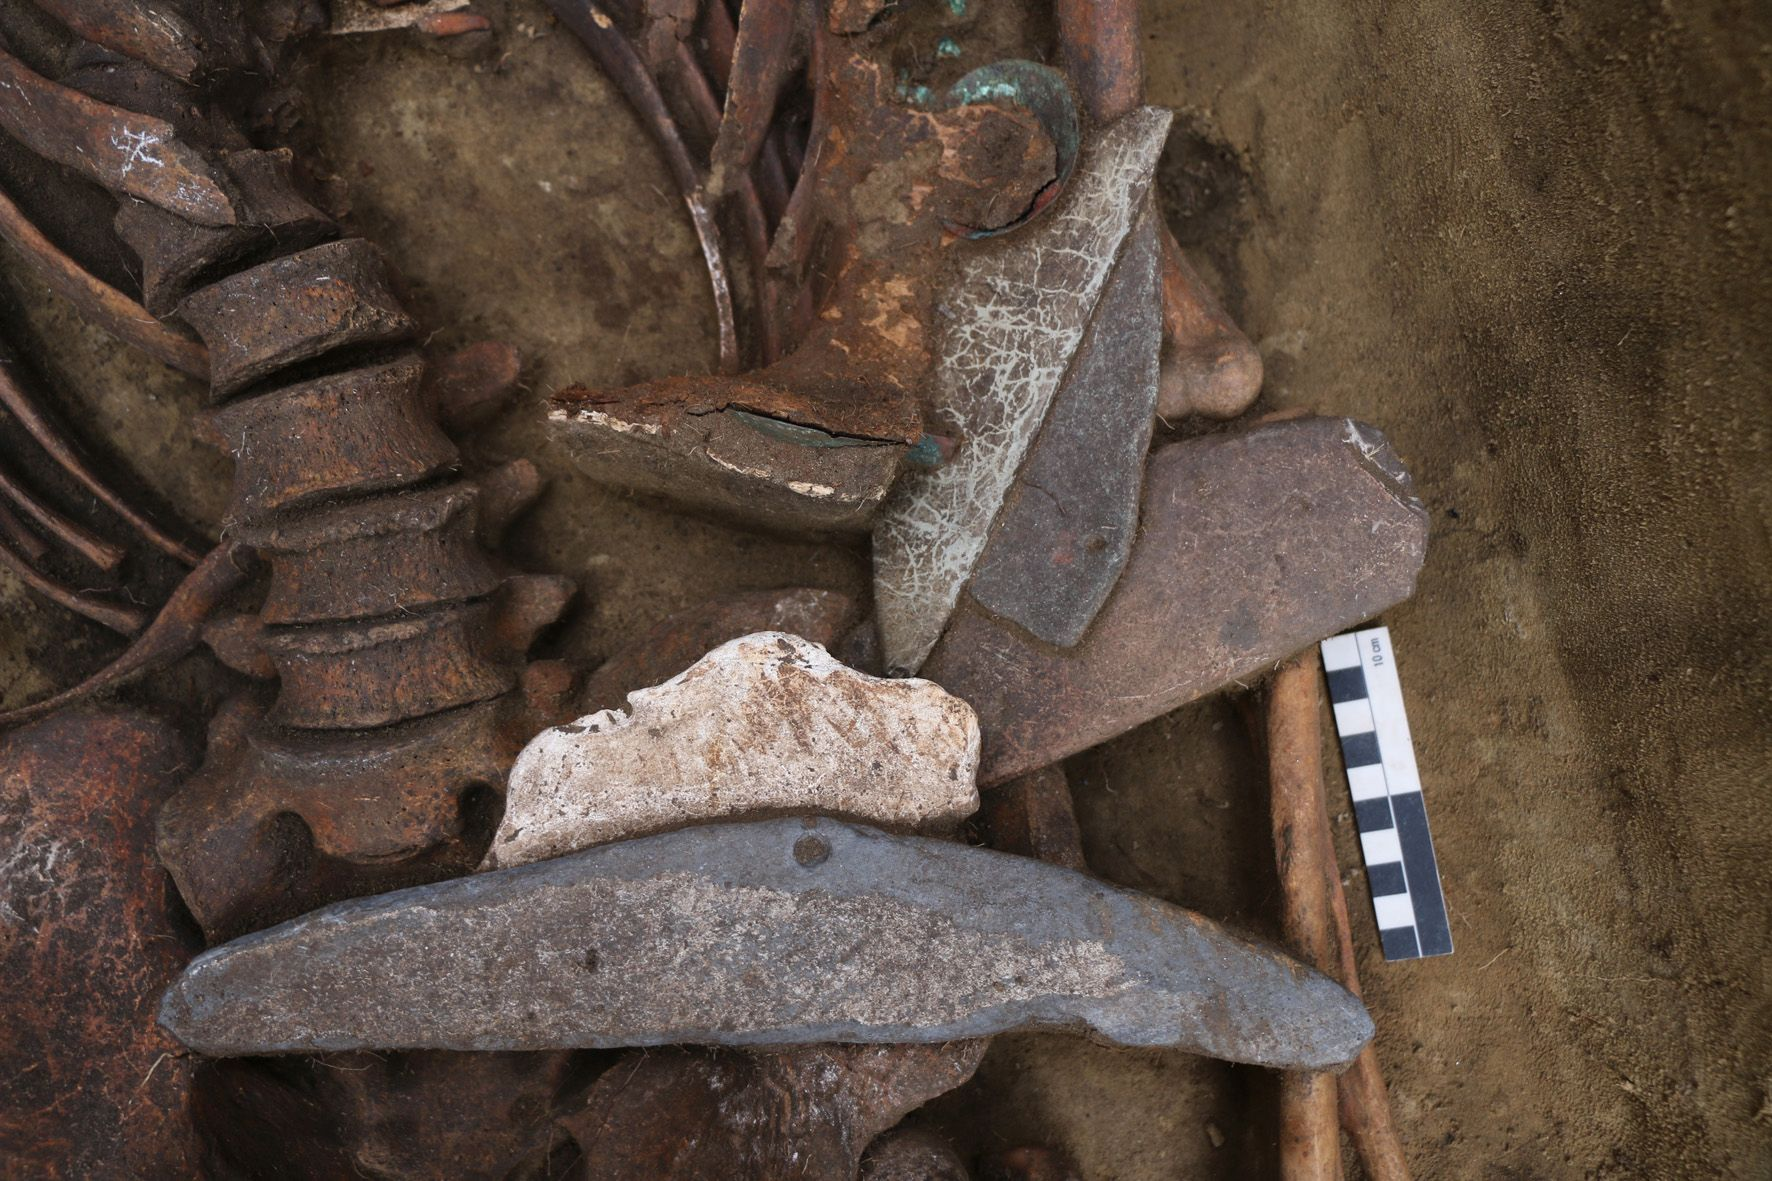 В Сибири нашли погребение шамана-«очкарика»